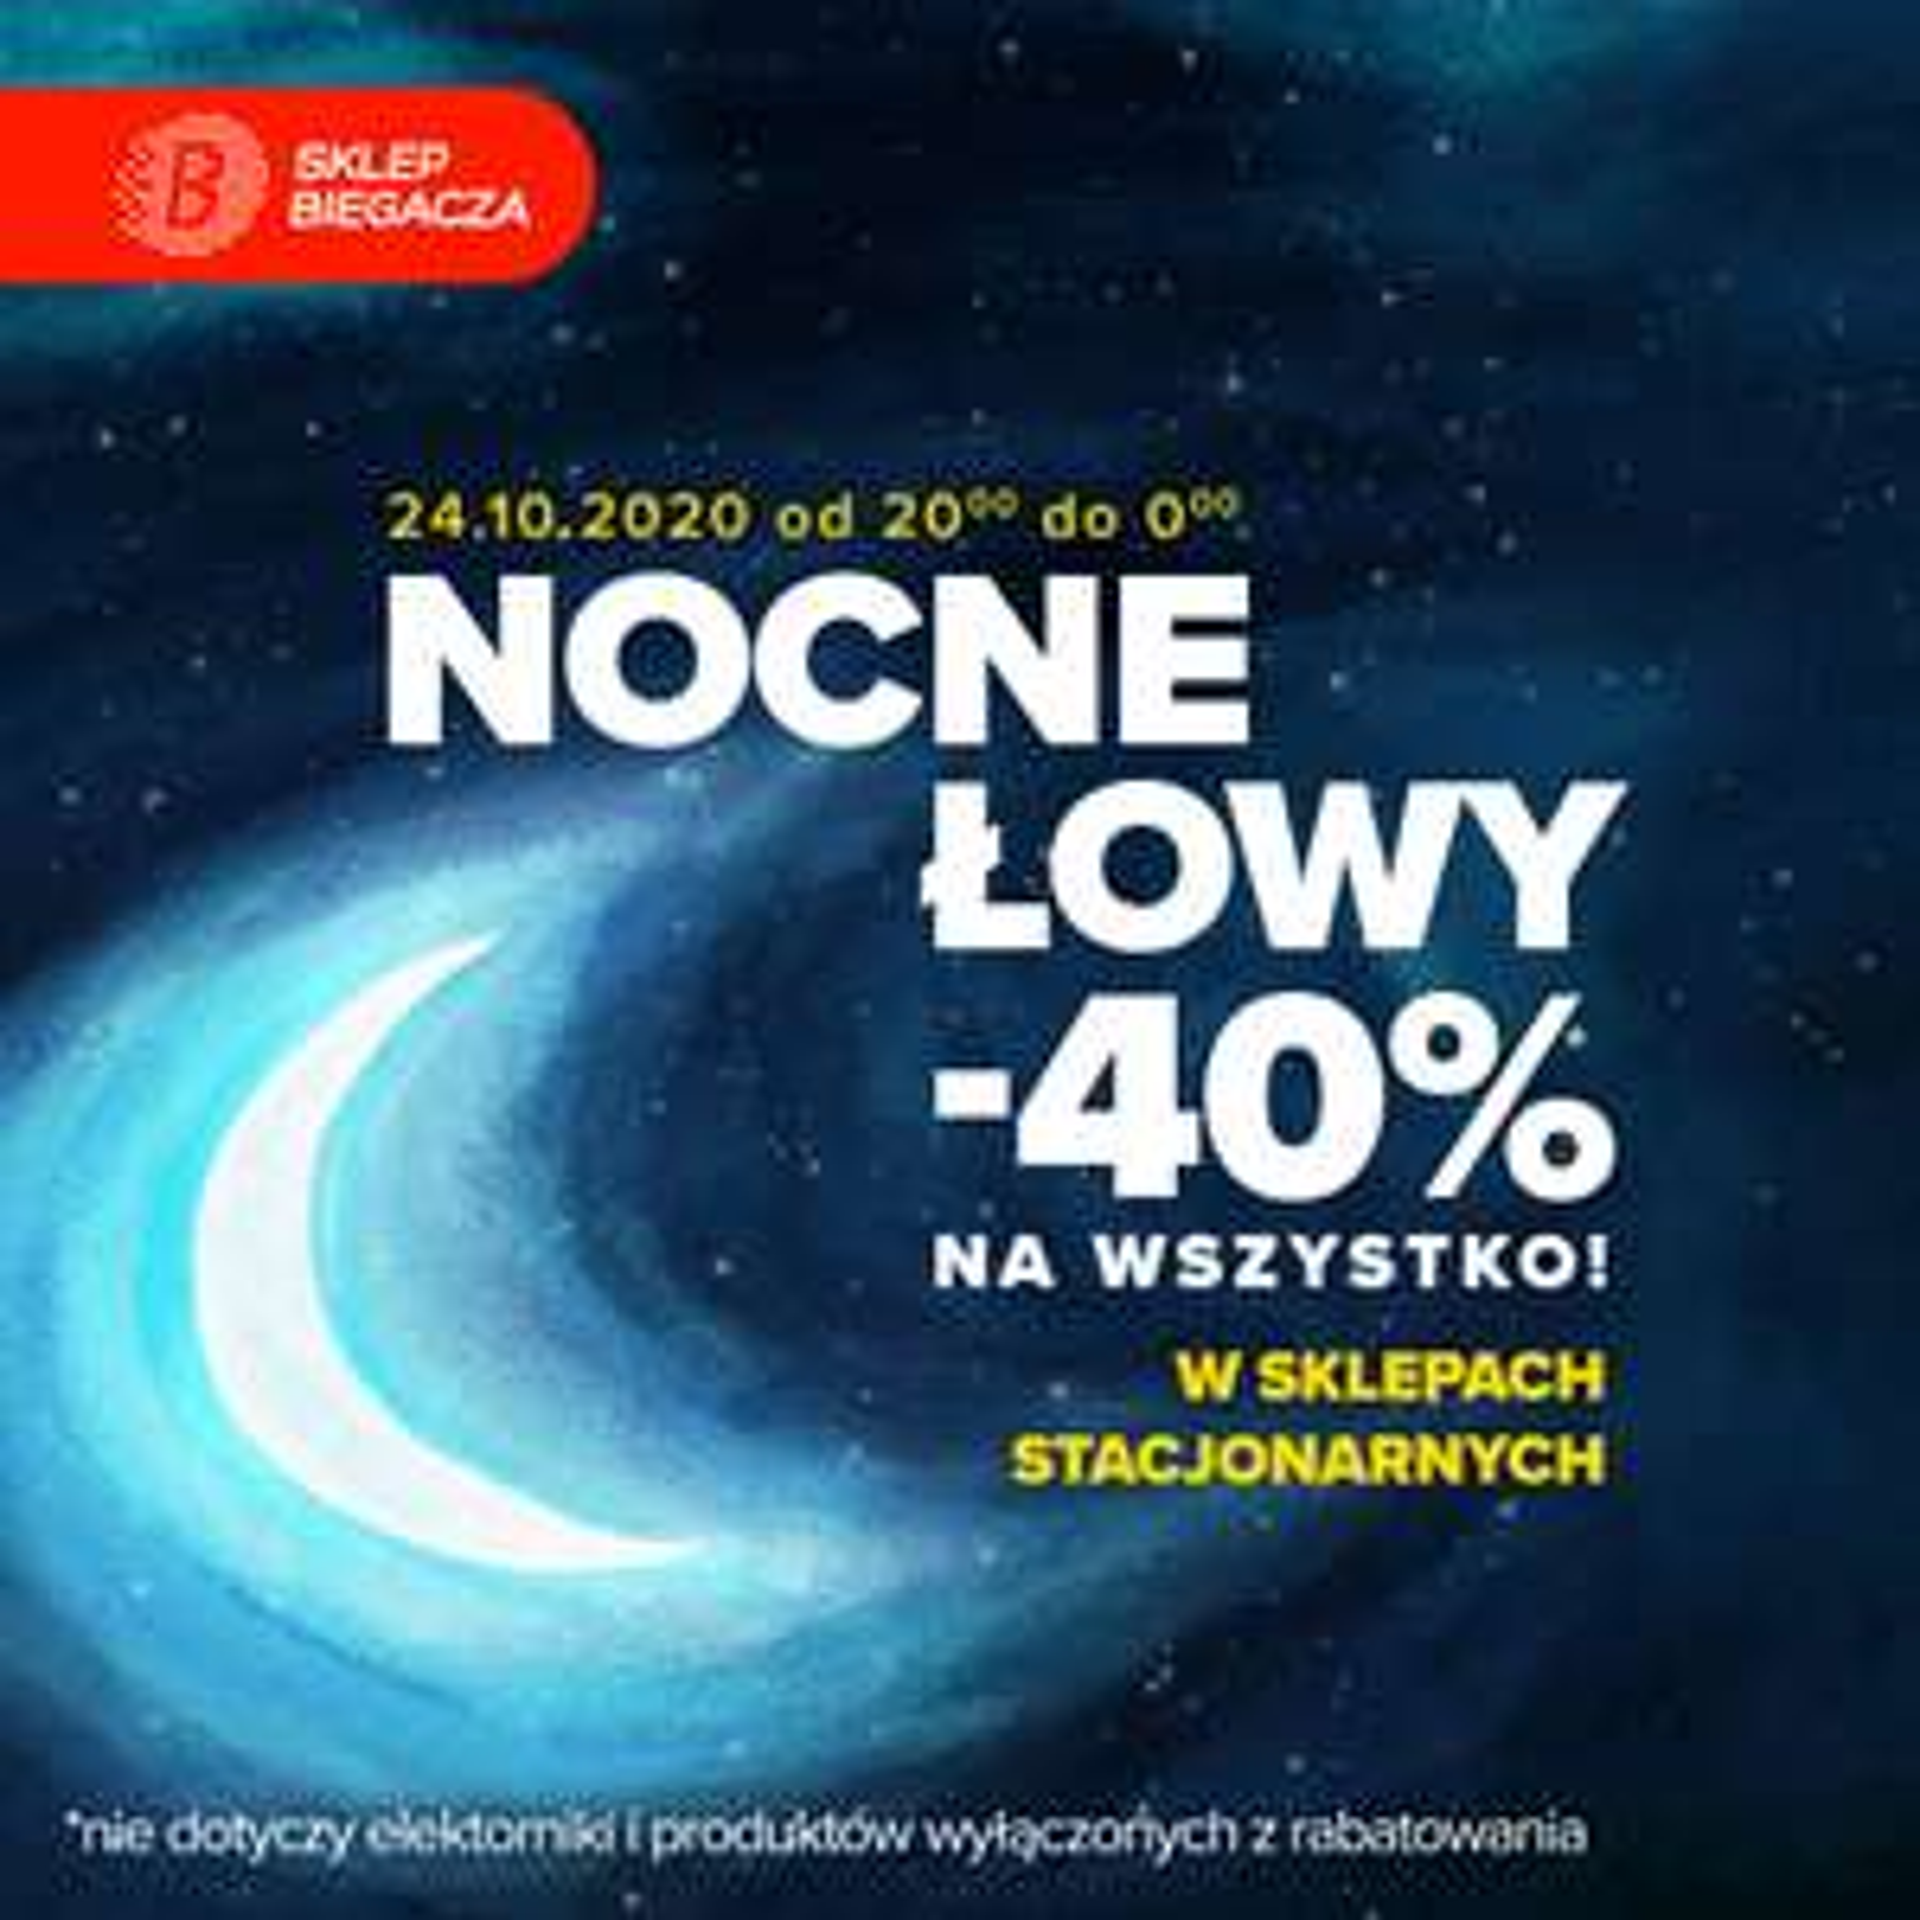 Sklepo biegacza: Nocne łowy -40% w sklepach stacjonarnych lub -30% on line